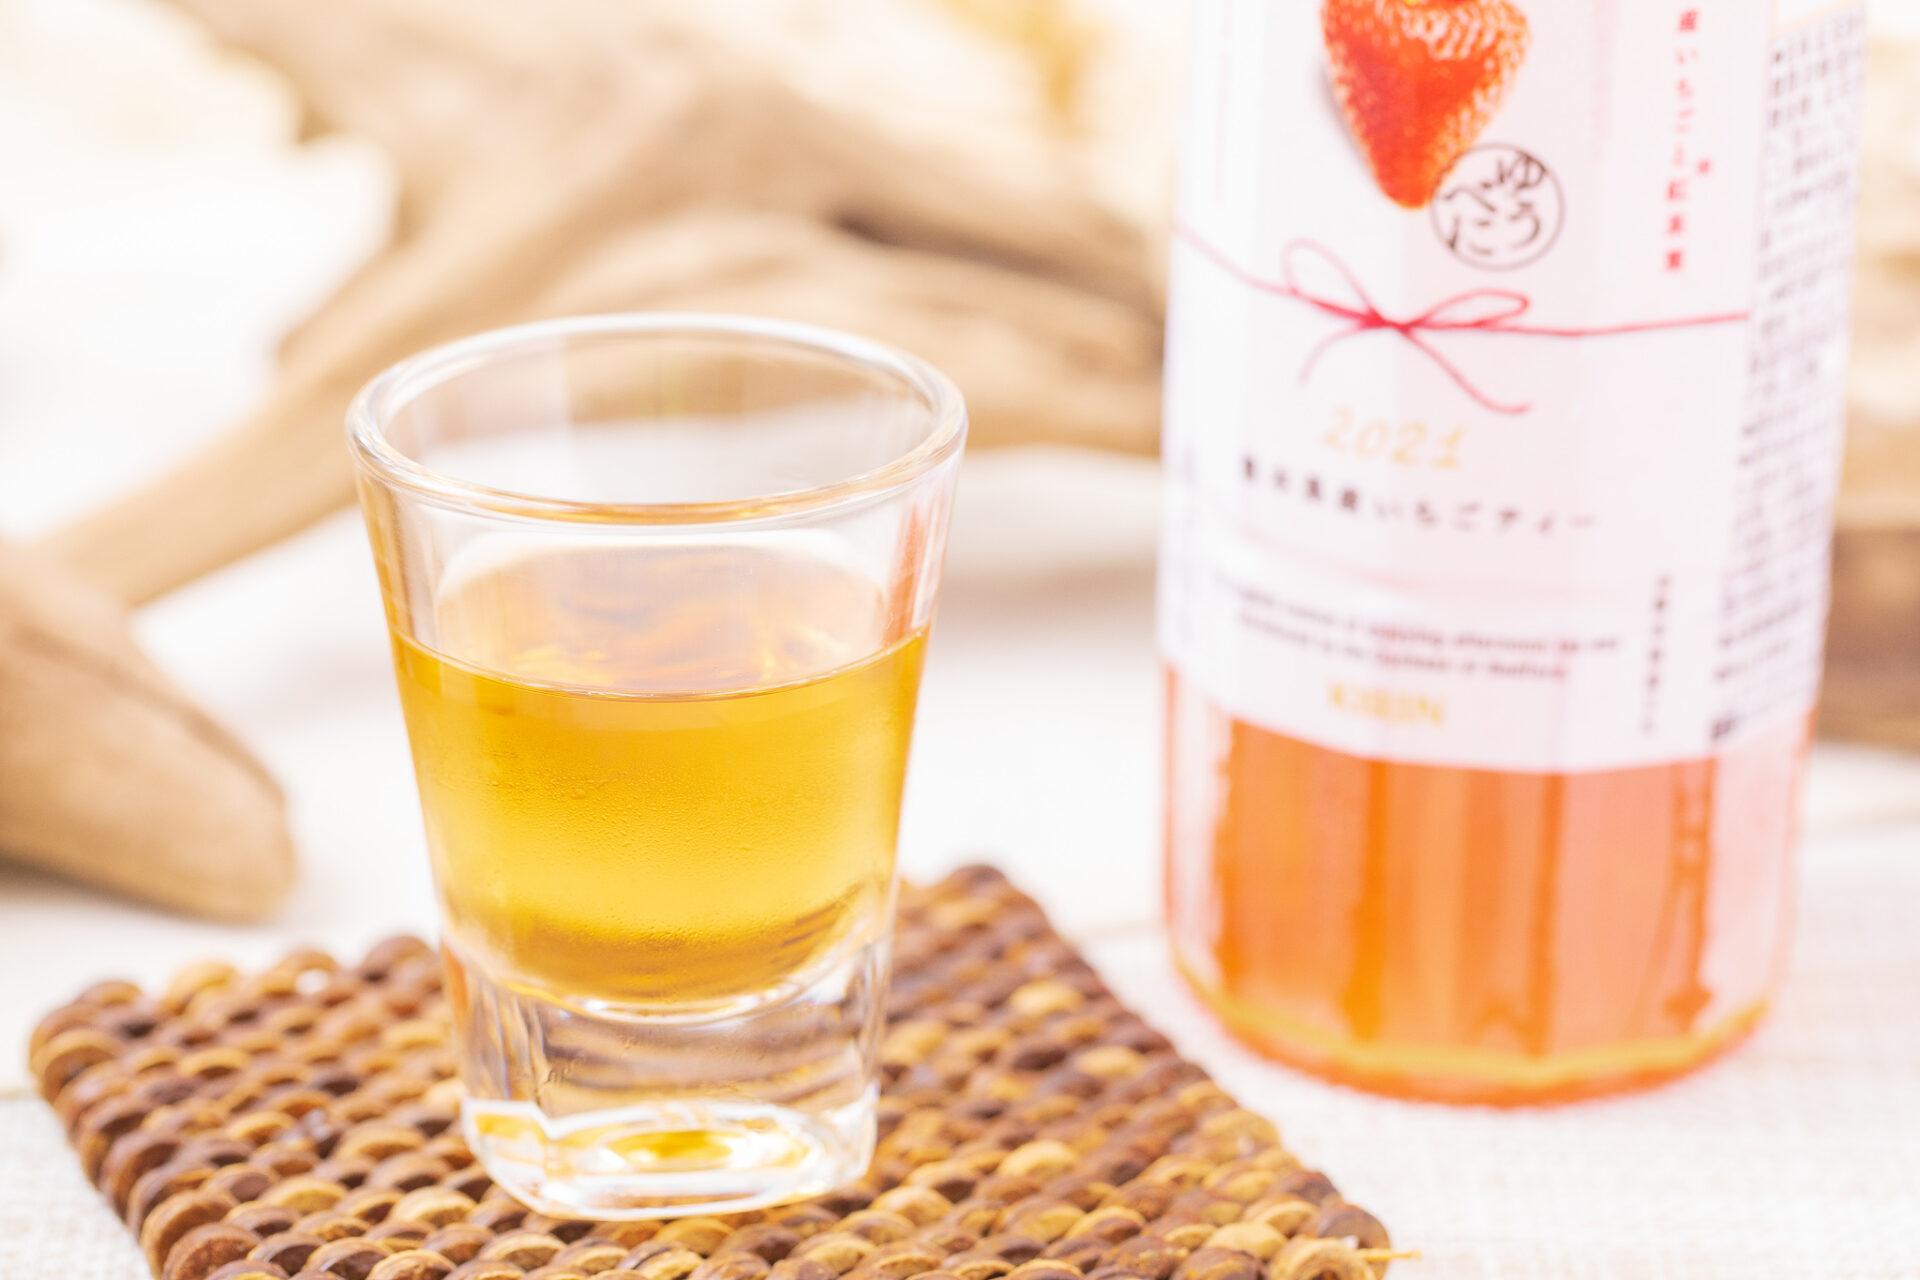 キリン『午後の紅茶 for HAPPINESS 熊本県産いちごティー(数量限定) 500ml ペットボトル』